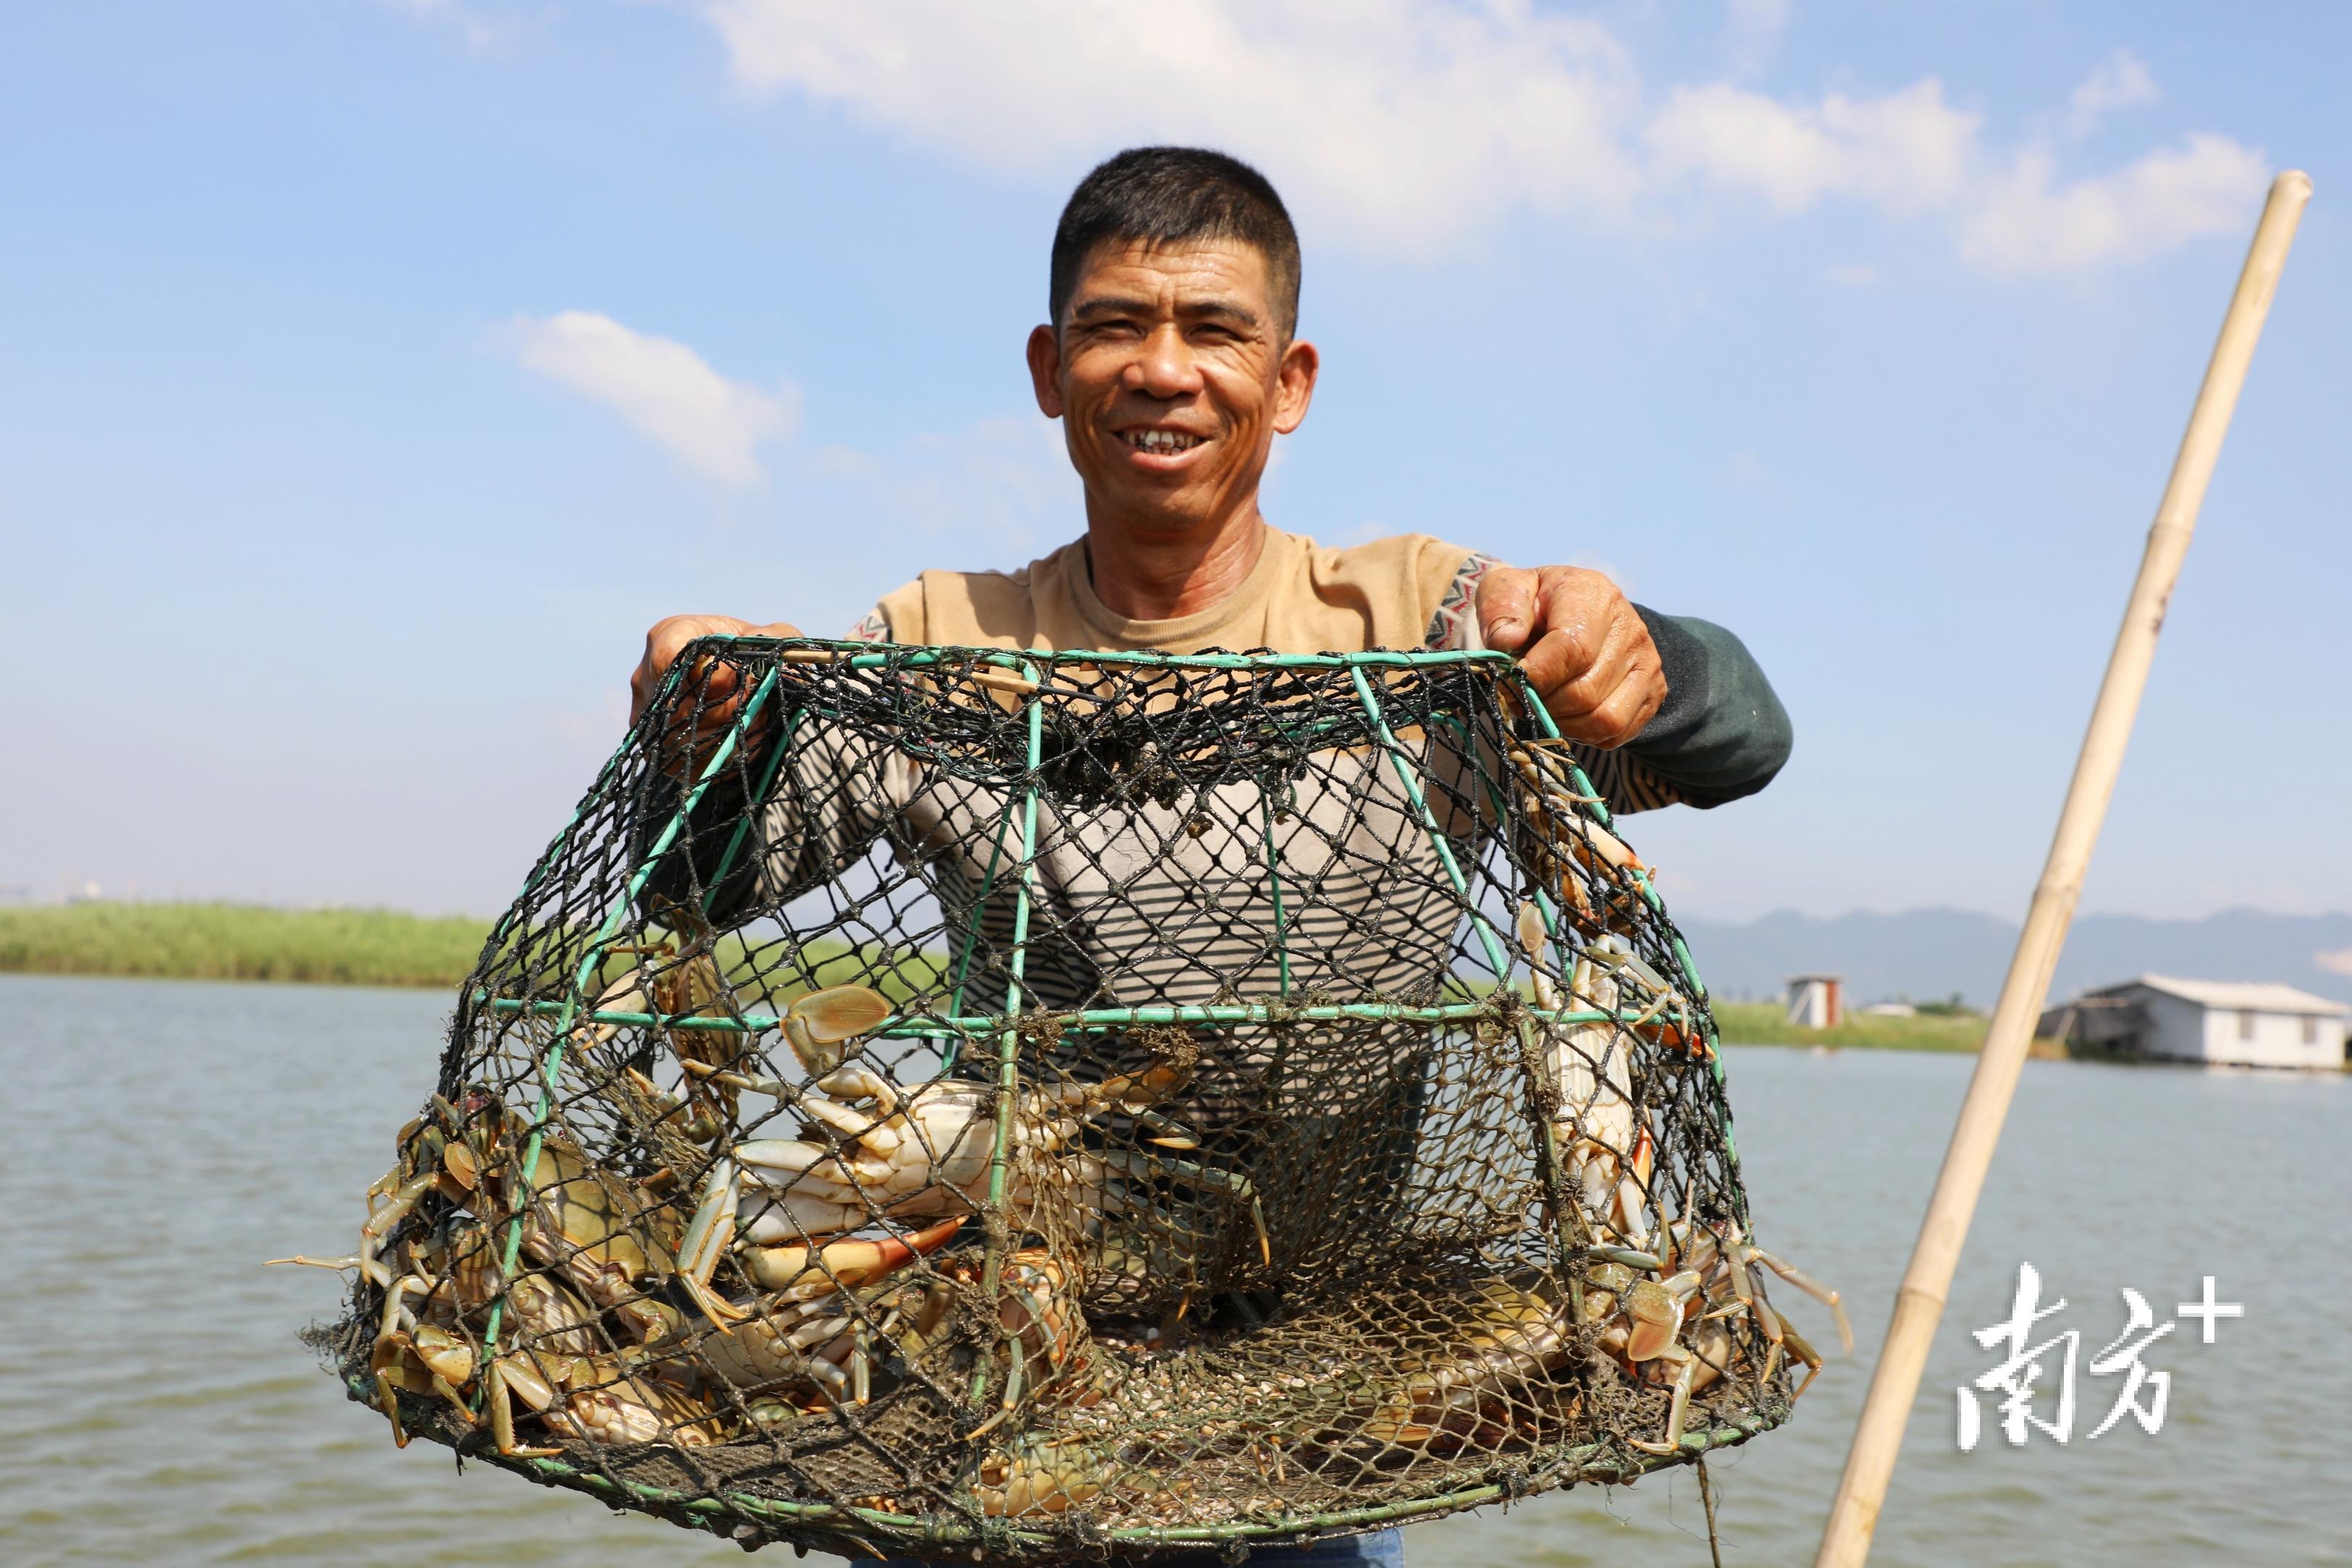 林惠庆提着刚出塘的一笼青蟹,脸上露出了笑容。  南方+ 张伟炜 拍摄